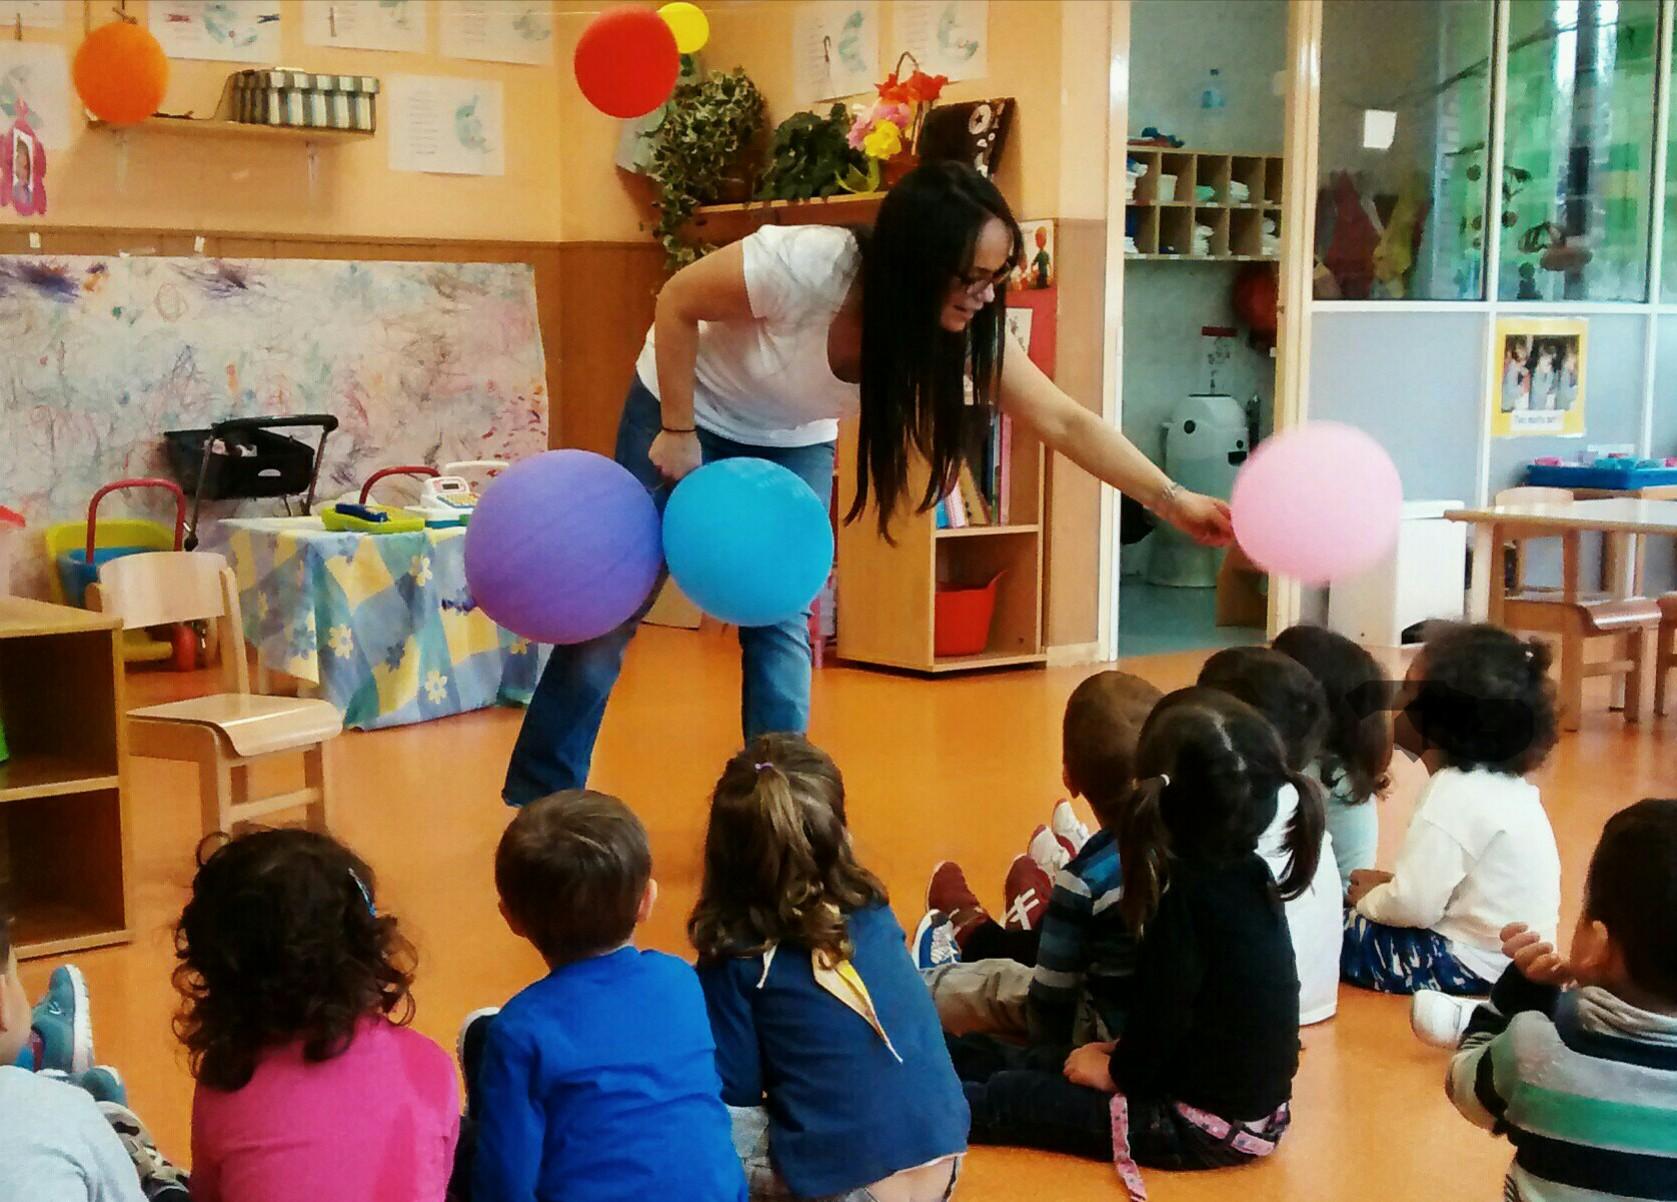 naturalKIDS apuesta por el método de inmersión total en el aprendizaje de inglés para niños